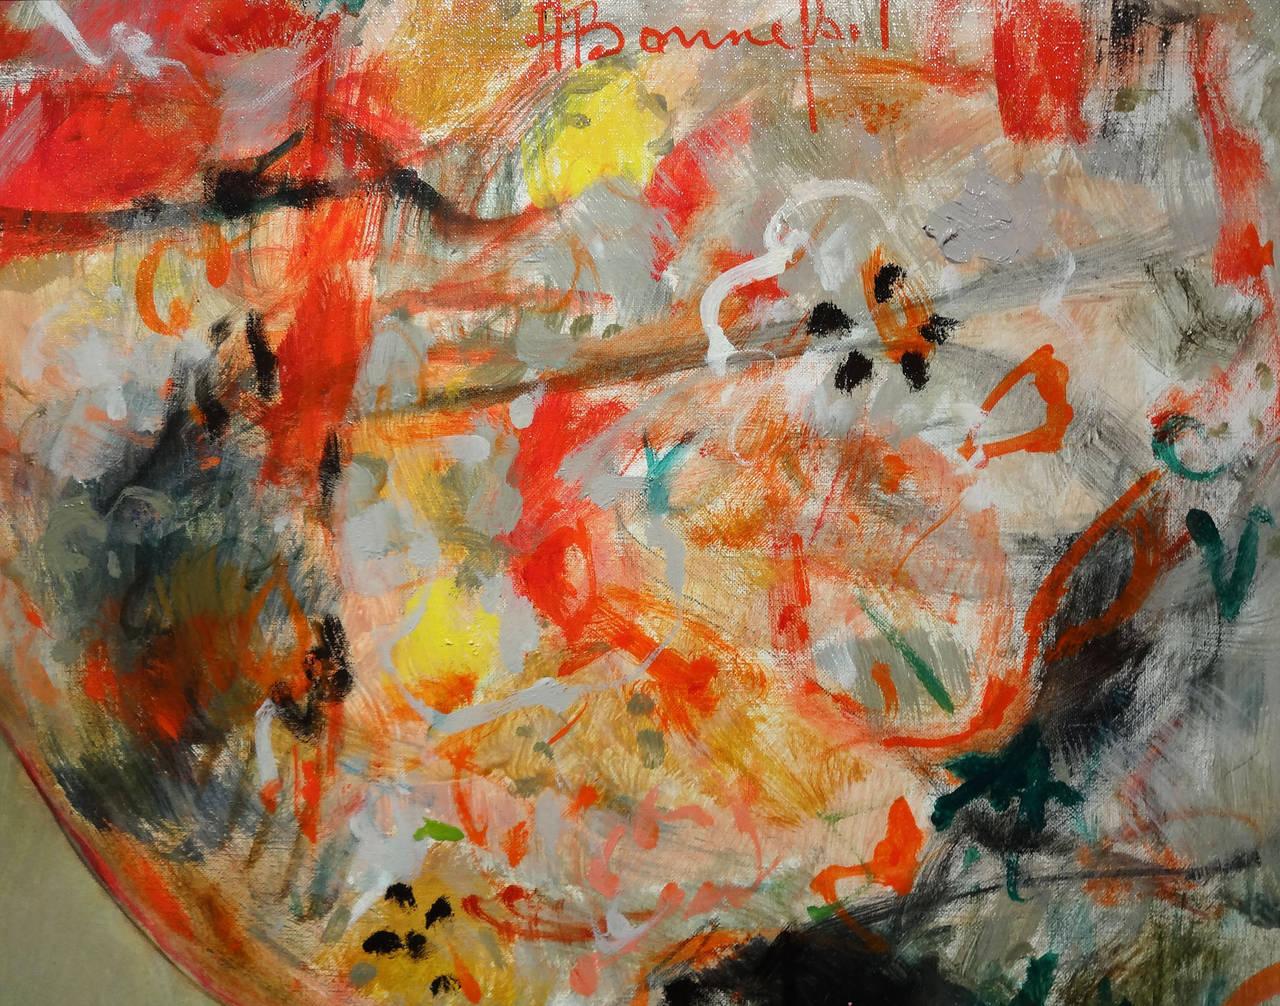 Primavera - Impressionist Painting by Alain Bonnefoit